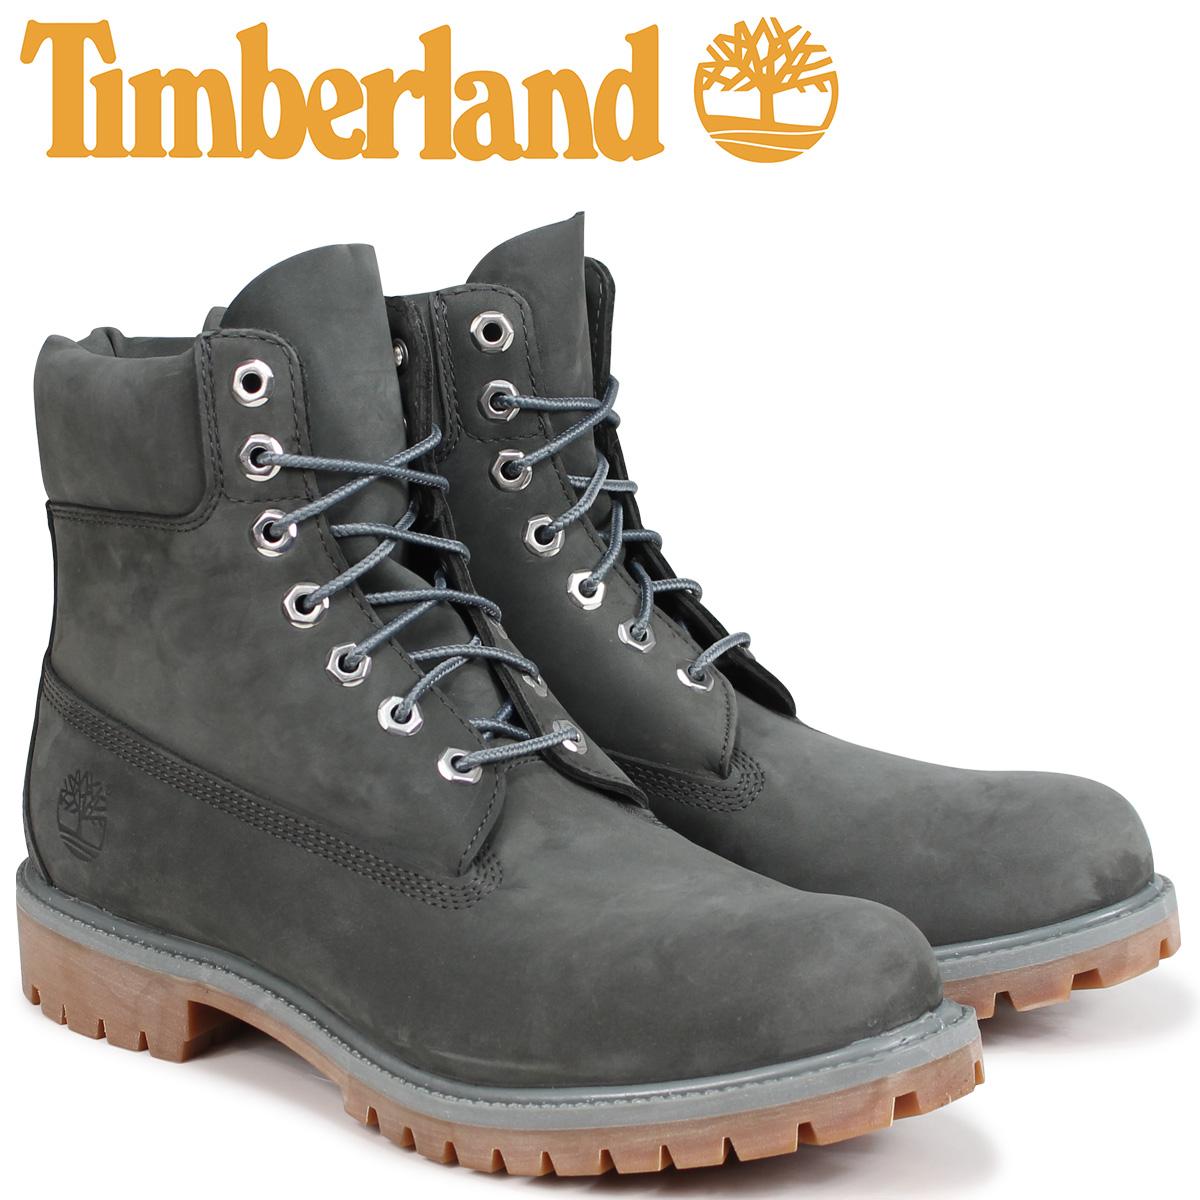 【最大2000円OFFクーポン】 ティンバーランド ブーツ メンズ 6インチ Timberland 6-INCH PREMIUM BOOTS A1UFH Wワイズ ダークグレー